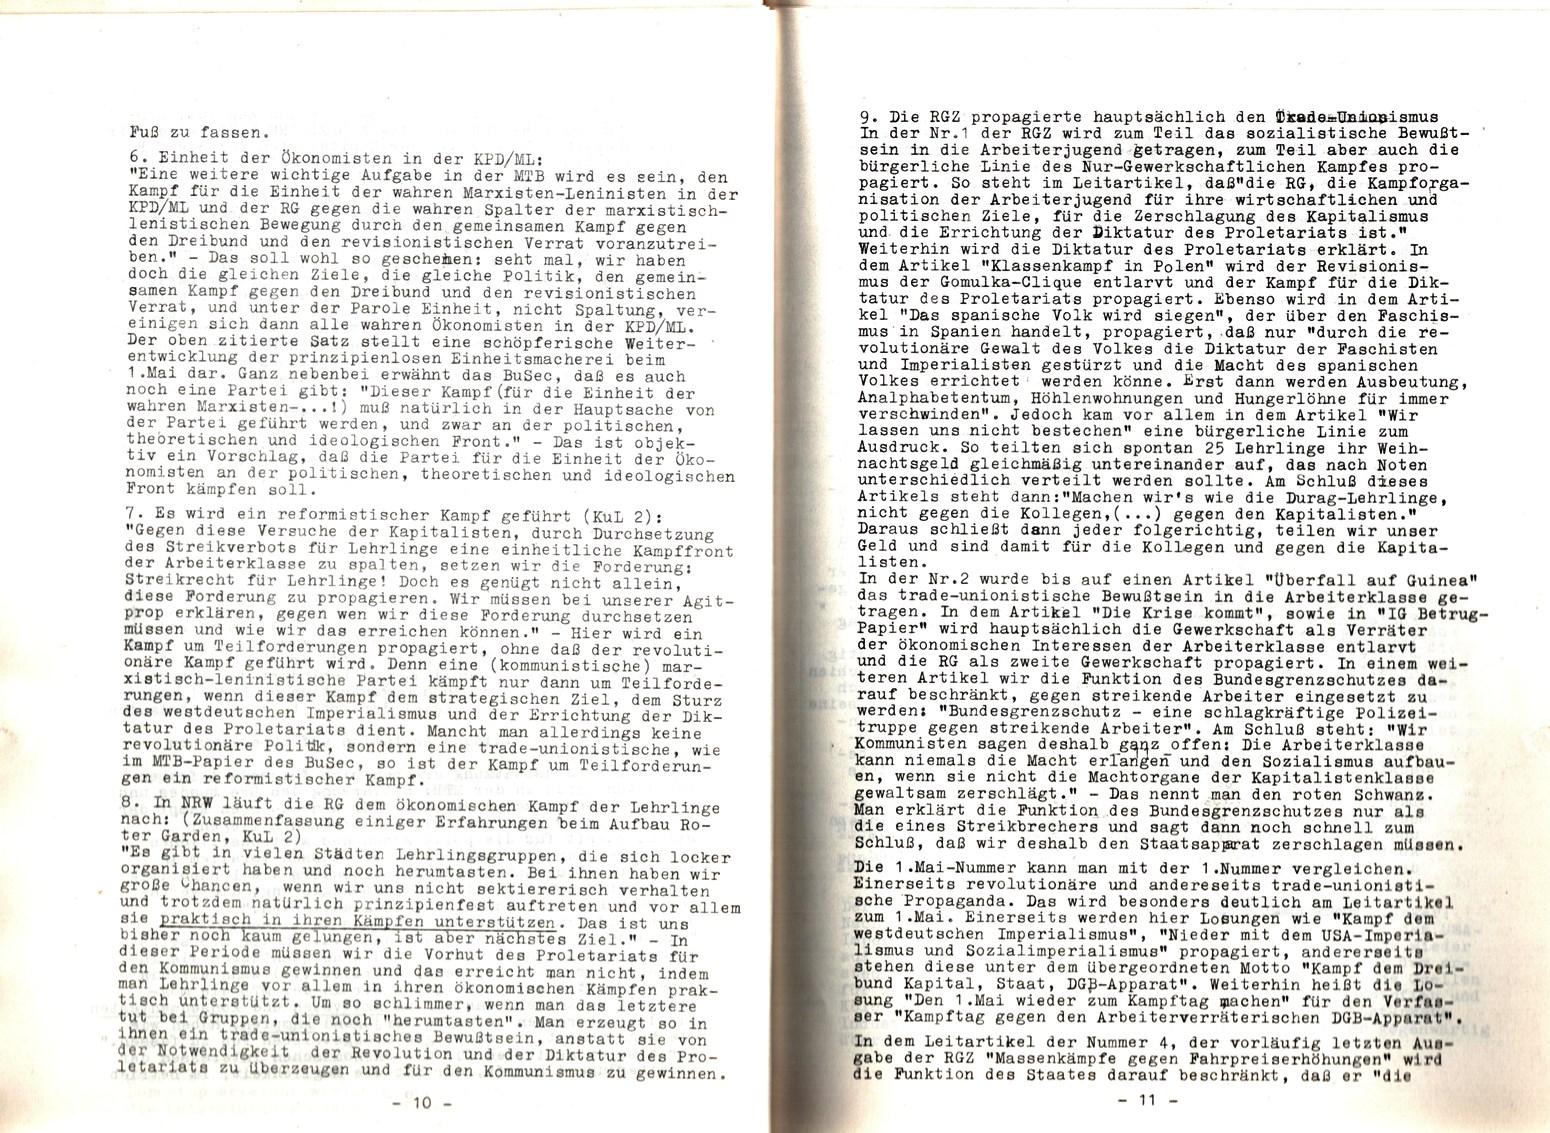 KPDML_1971_Analysen_und_Antraege_des_LV_Sued_West_042